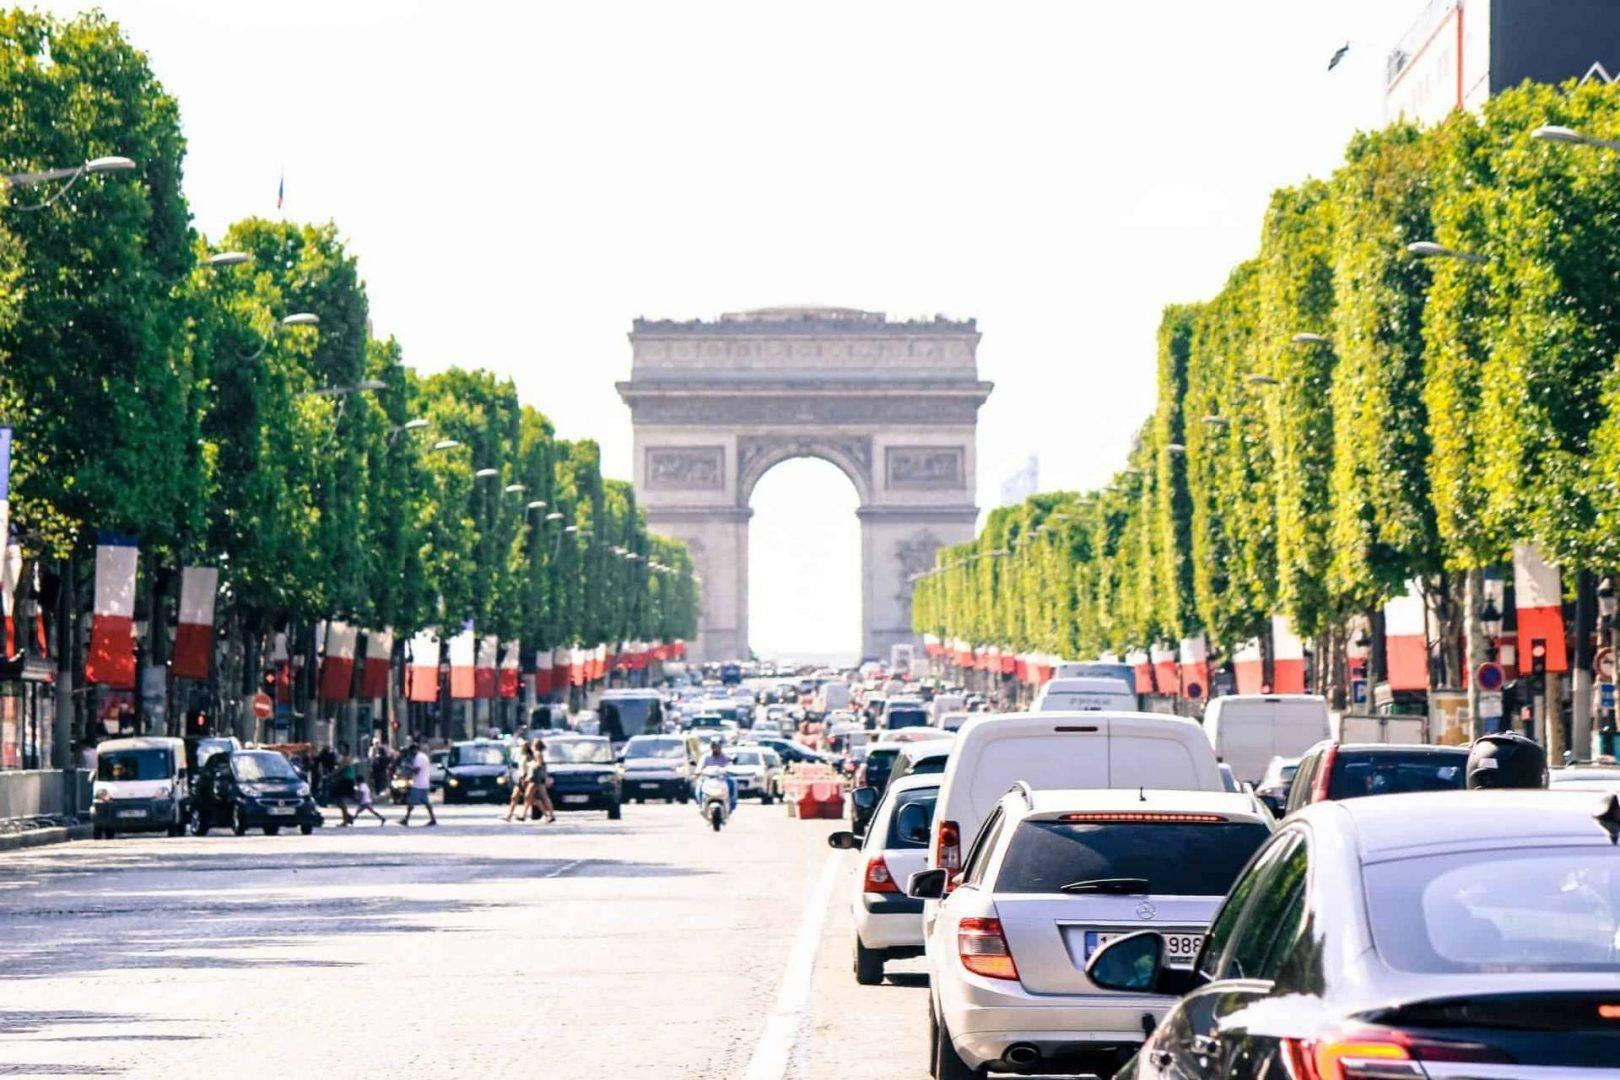 Tanie wycieczki autokarowe do Paryża